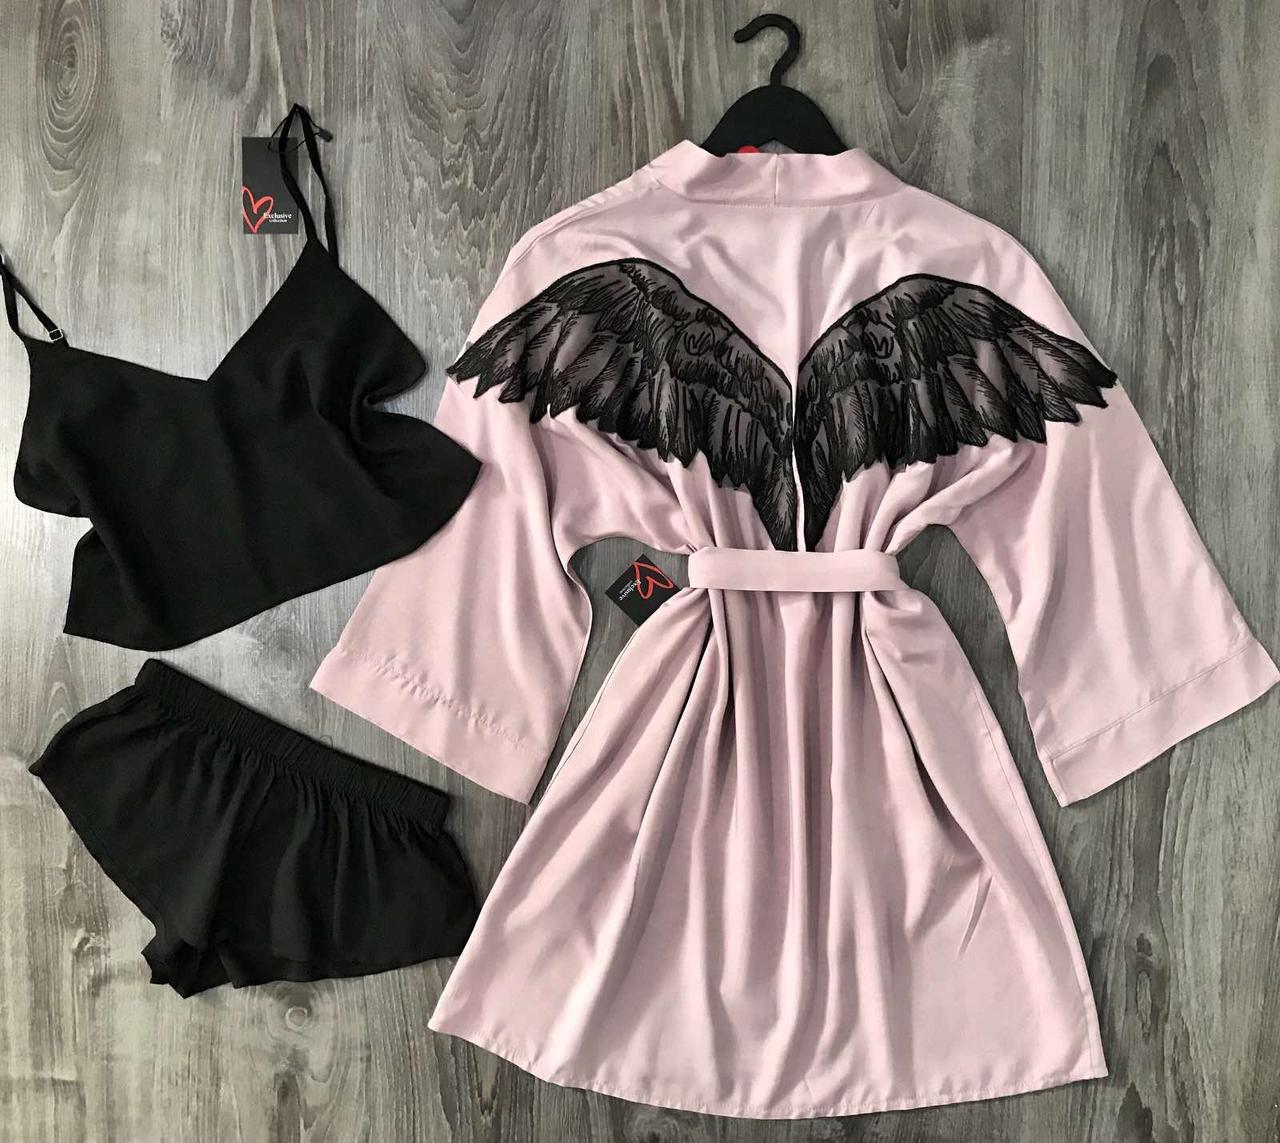 Халат крылья ангела+пижама(топ и шорты)-хлопковый комплект.